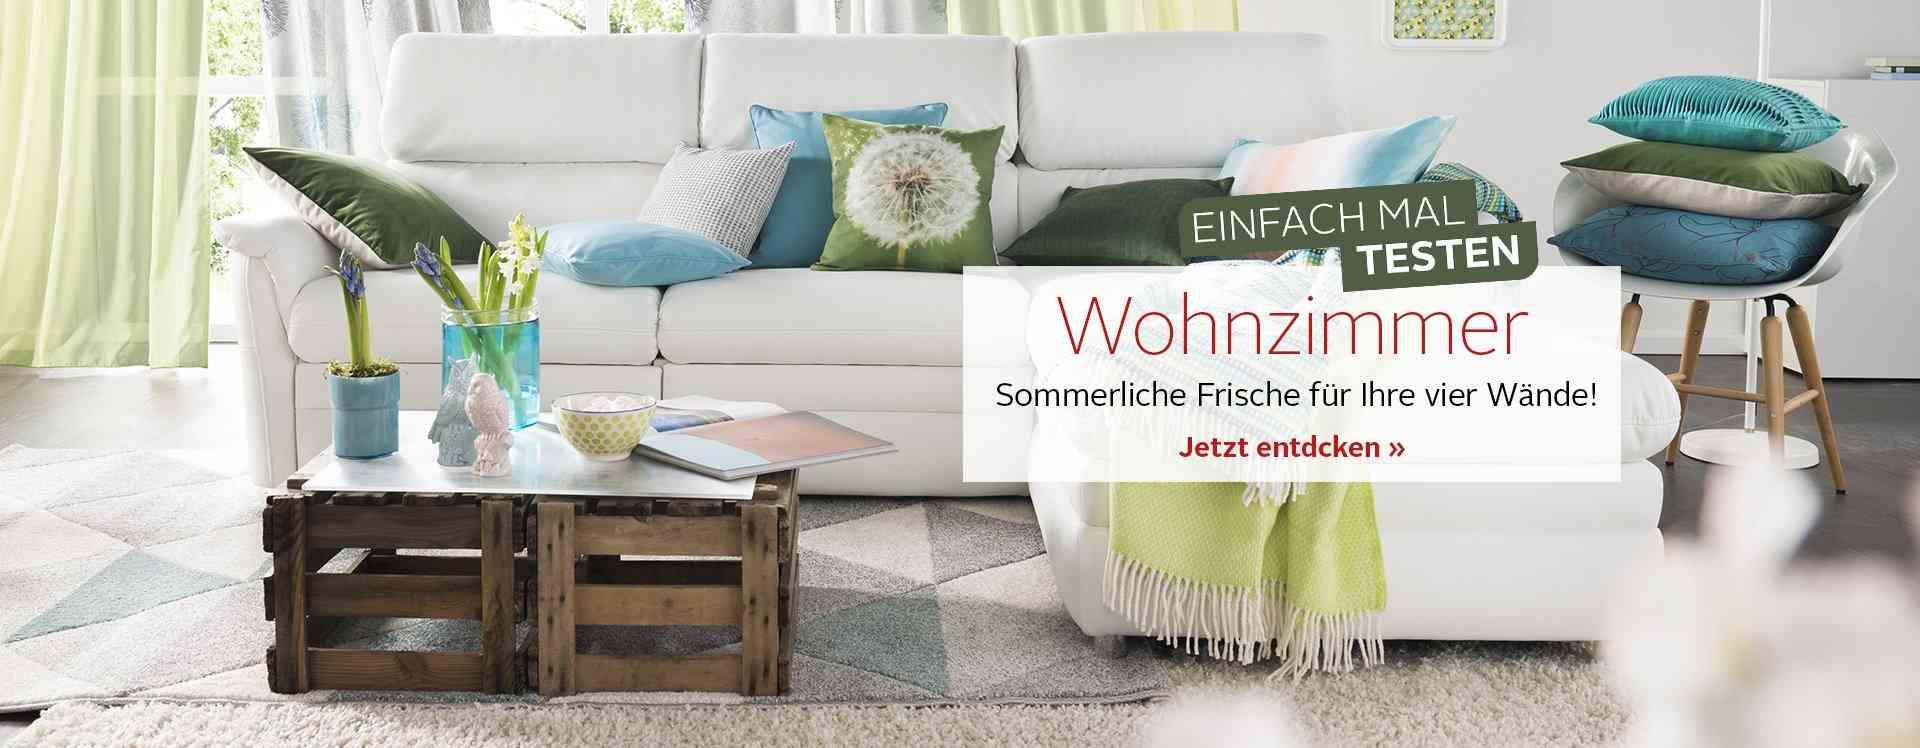 Entdecken Sie eine große Auswahl von Heimtextilien für Ihr Wohnzimmer - von Gardinen & Vorhängen über Teppiche bis hin zu Kissen und Wolldecken!